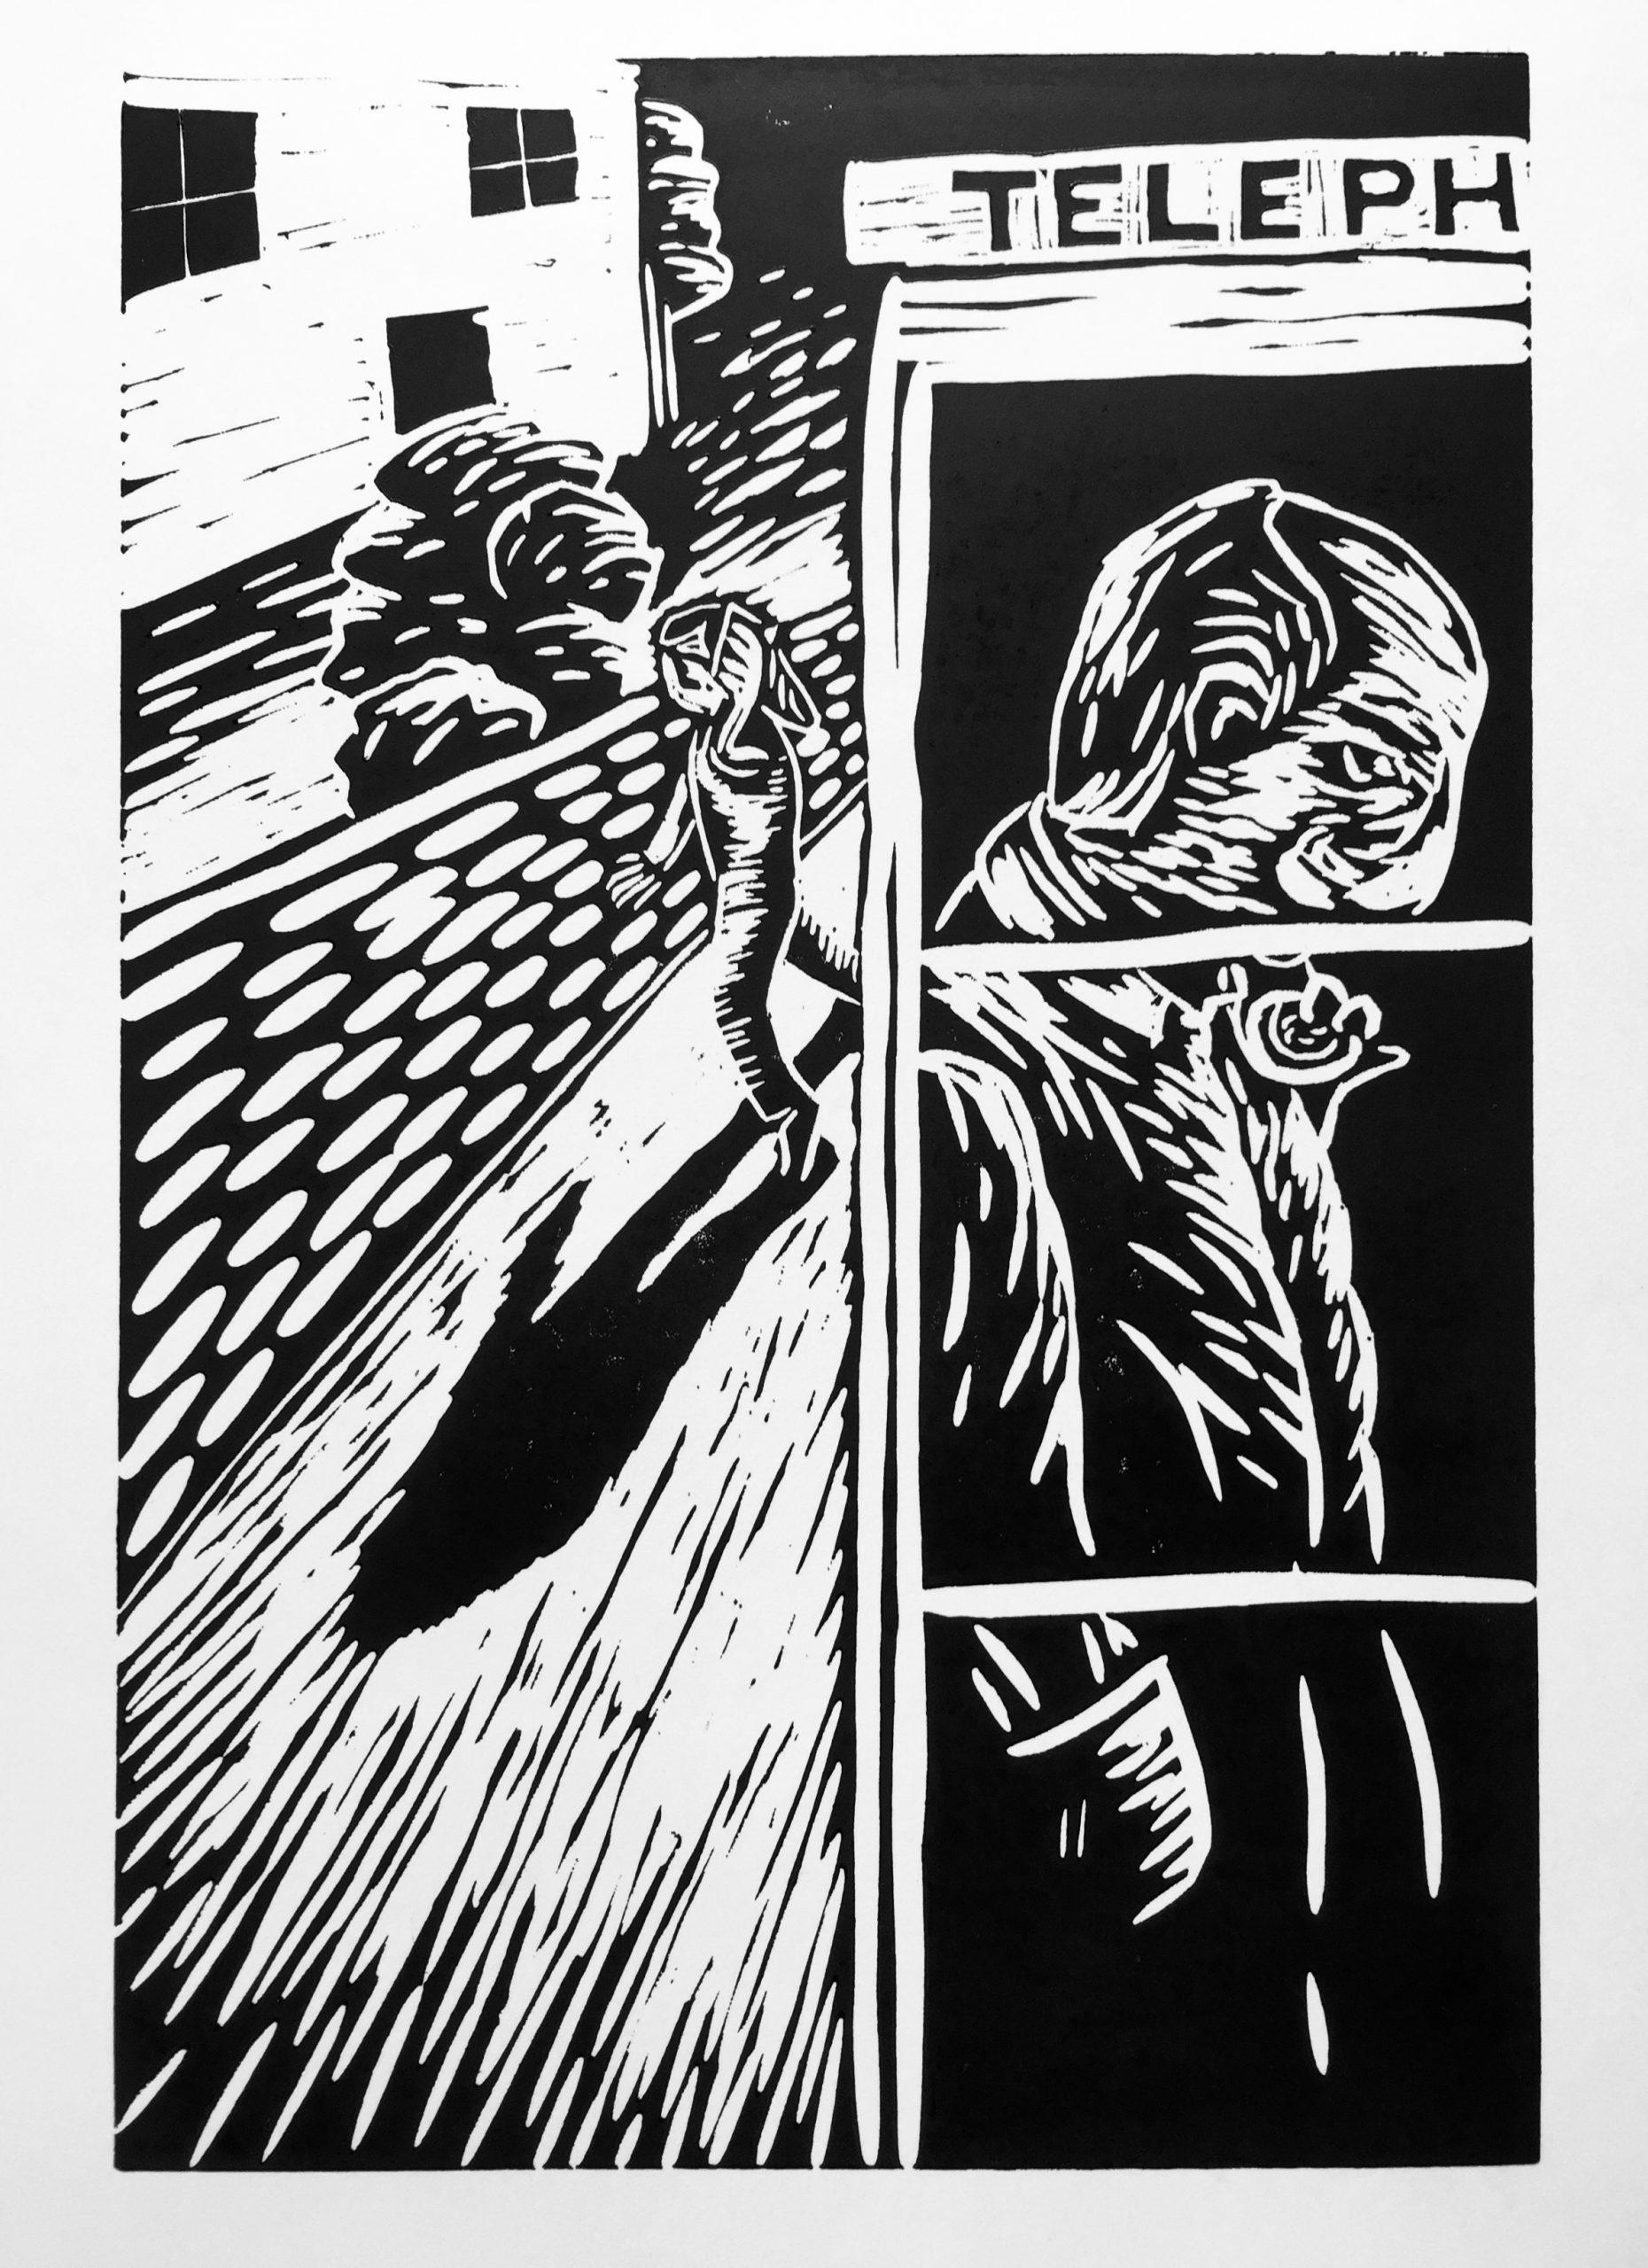 (117) Sam Reiher - Passing In The Night Image